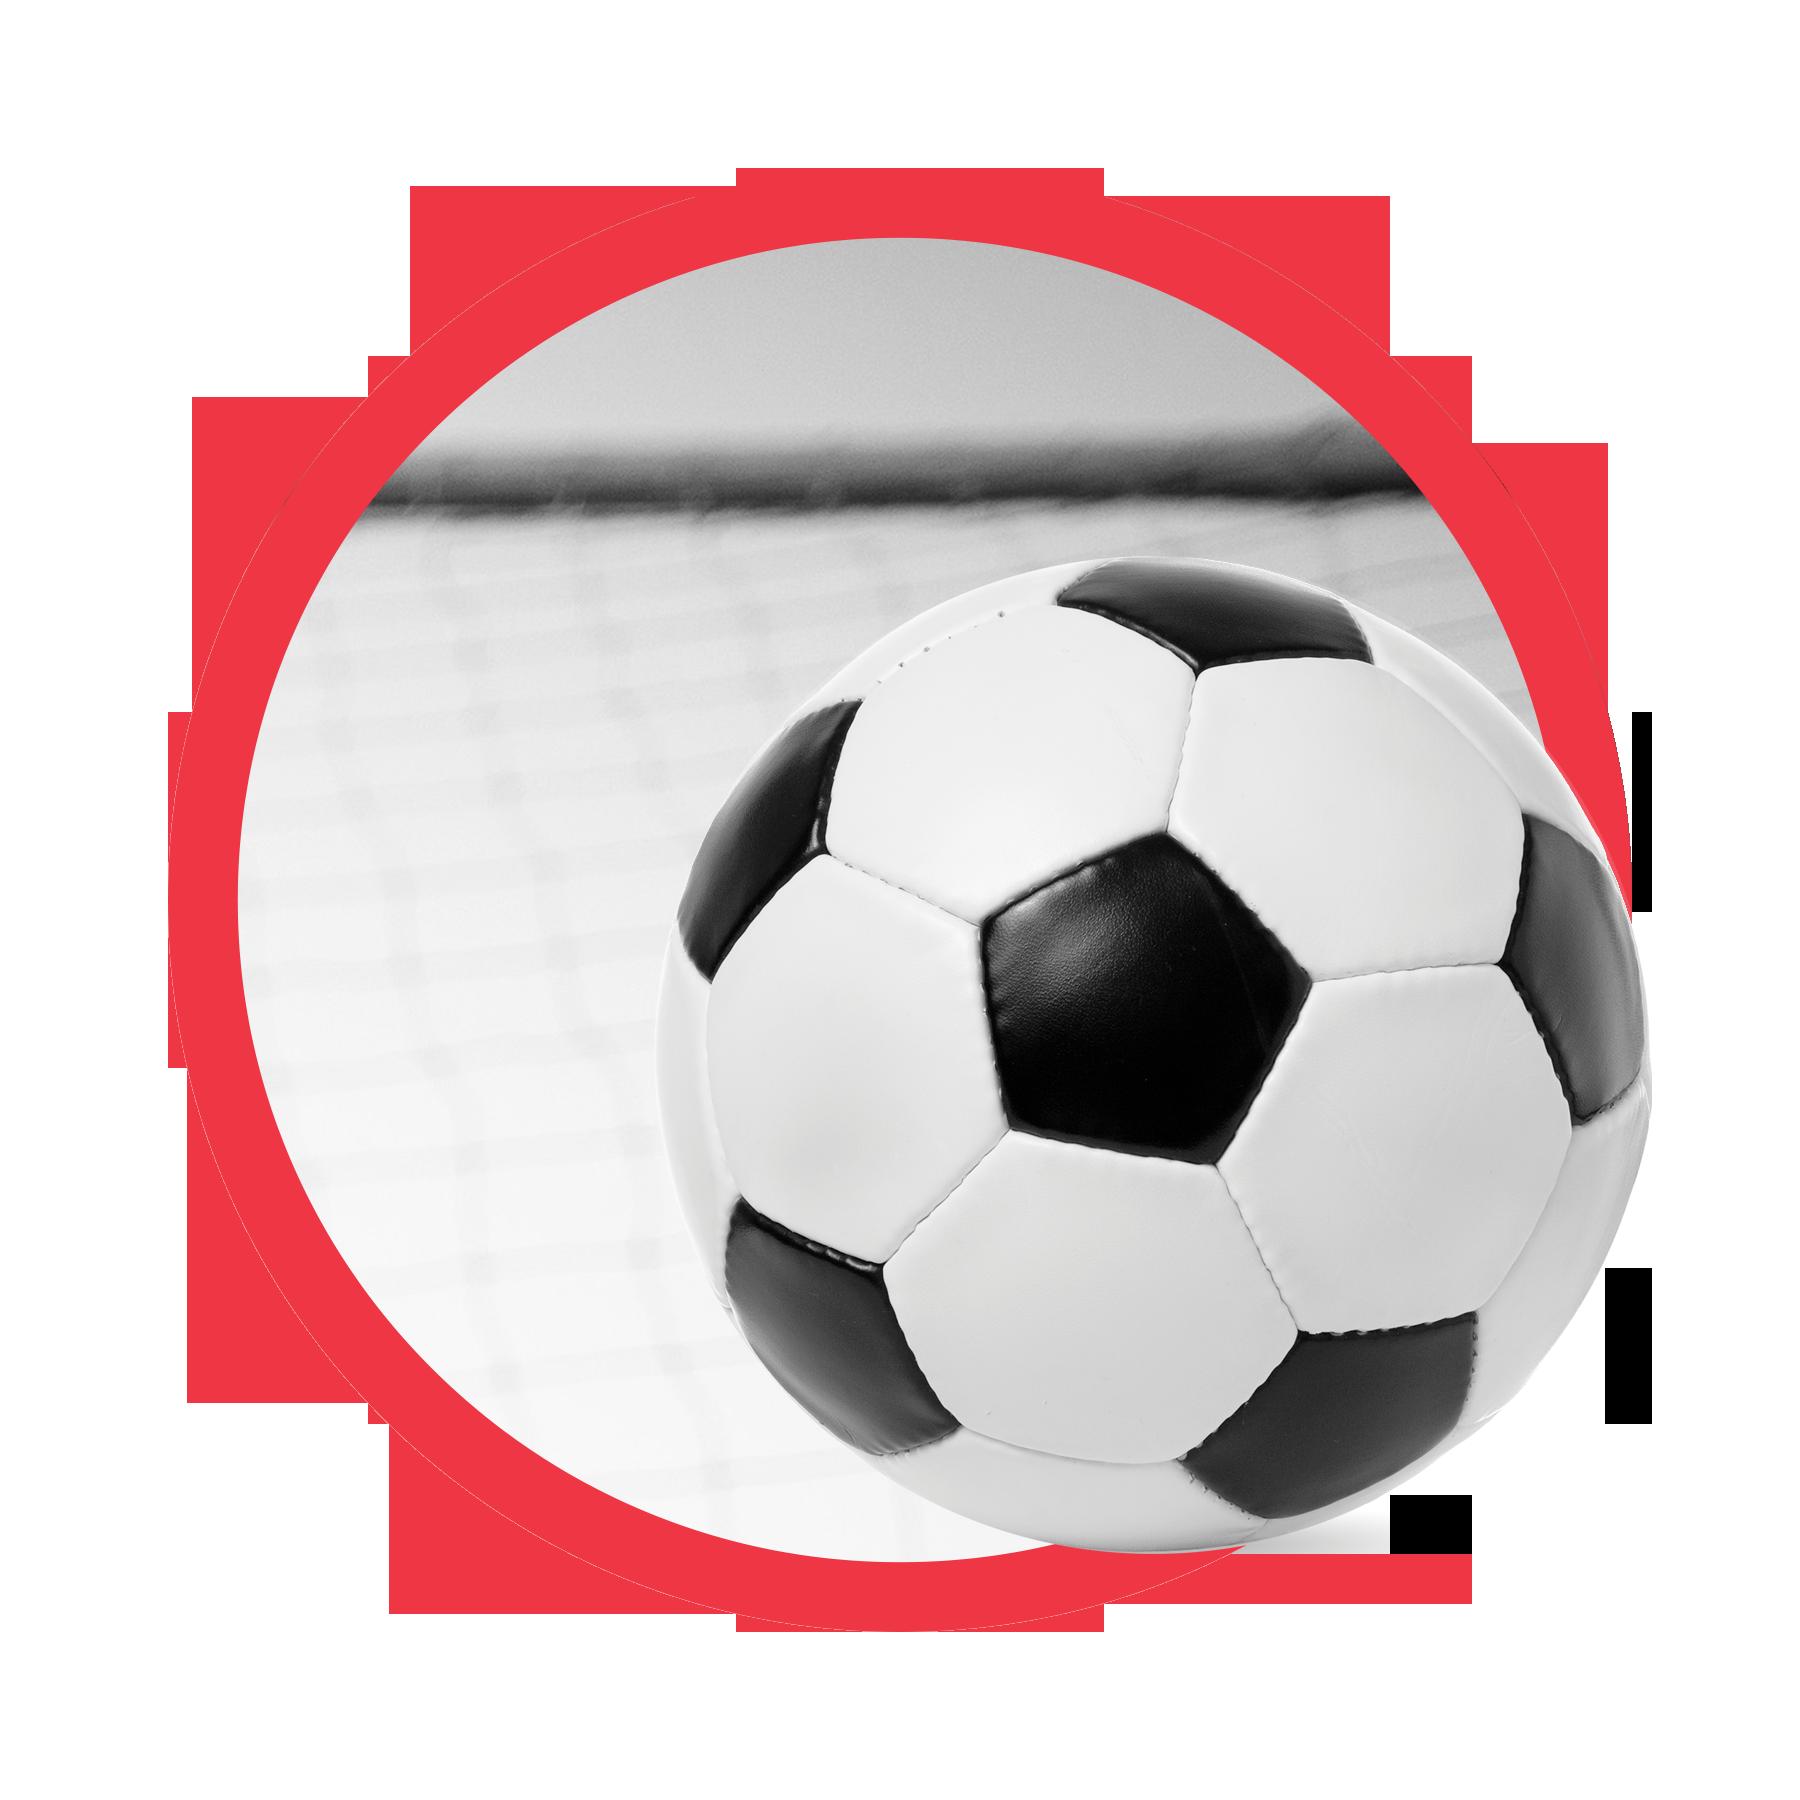 Soccer_Sport Image_v1.5_WSC.png